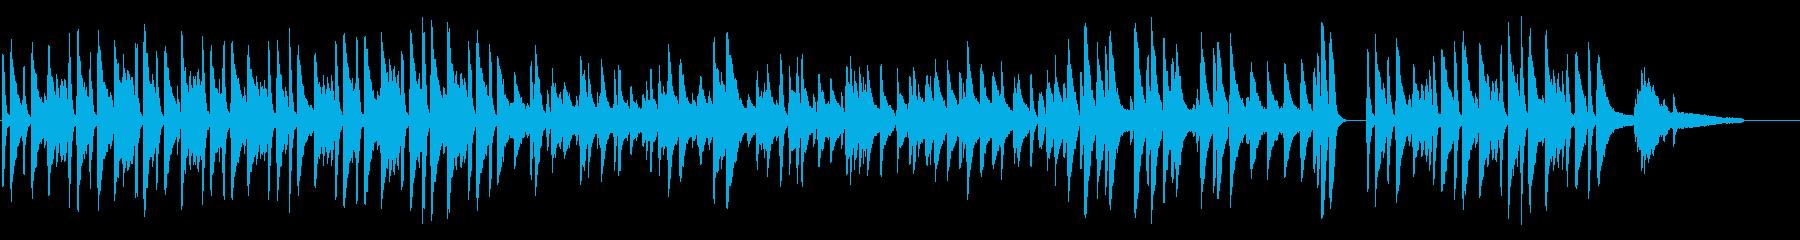 ピアノとビブラフォンによるボサノバ楽曲の再生済みの波形